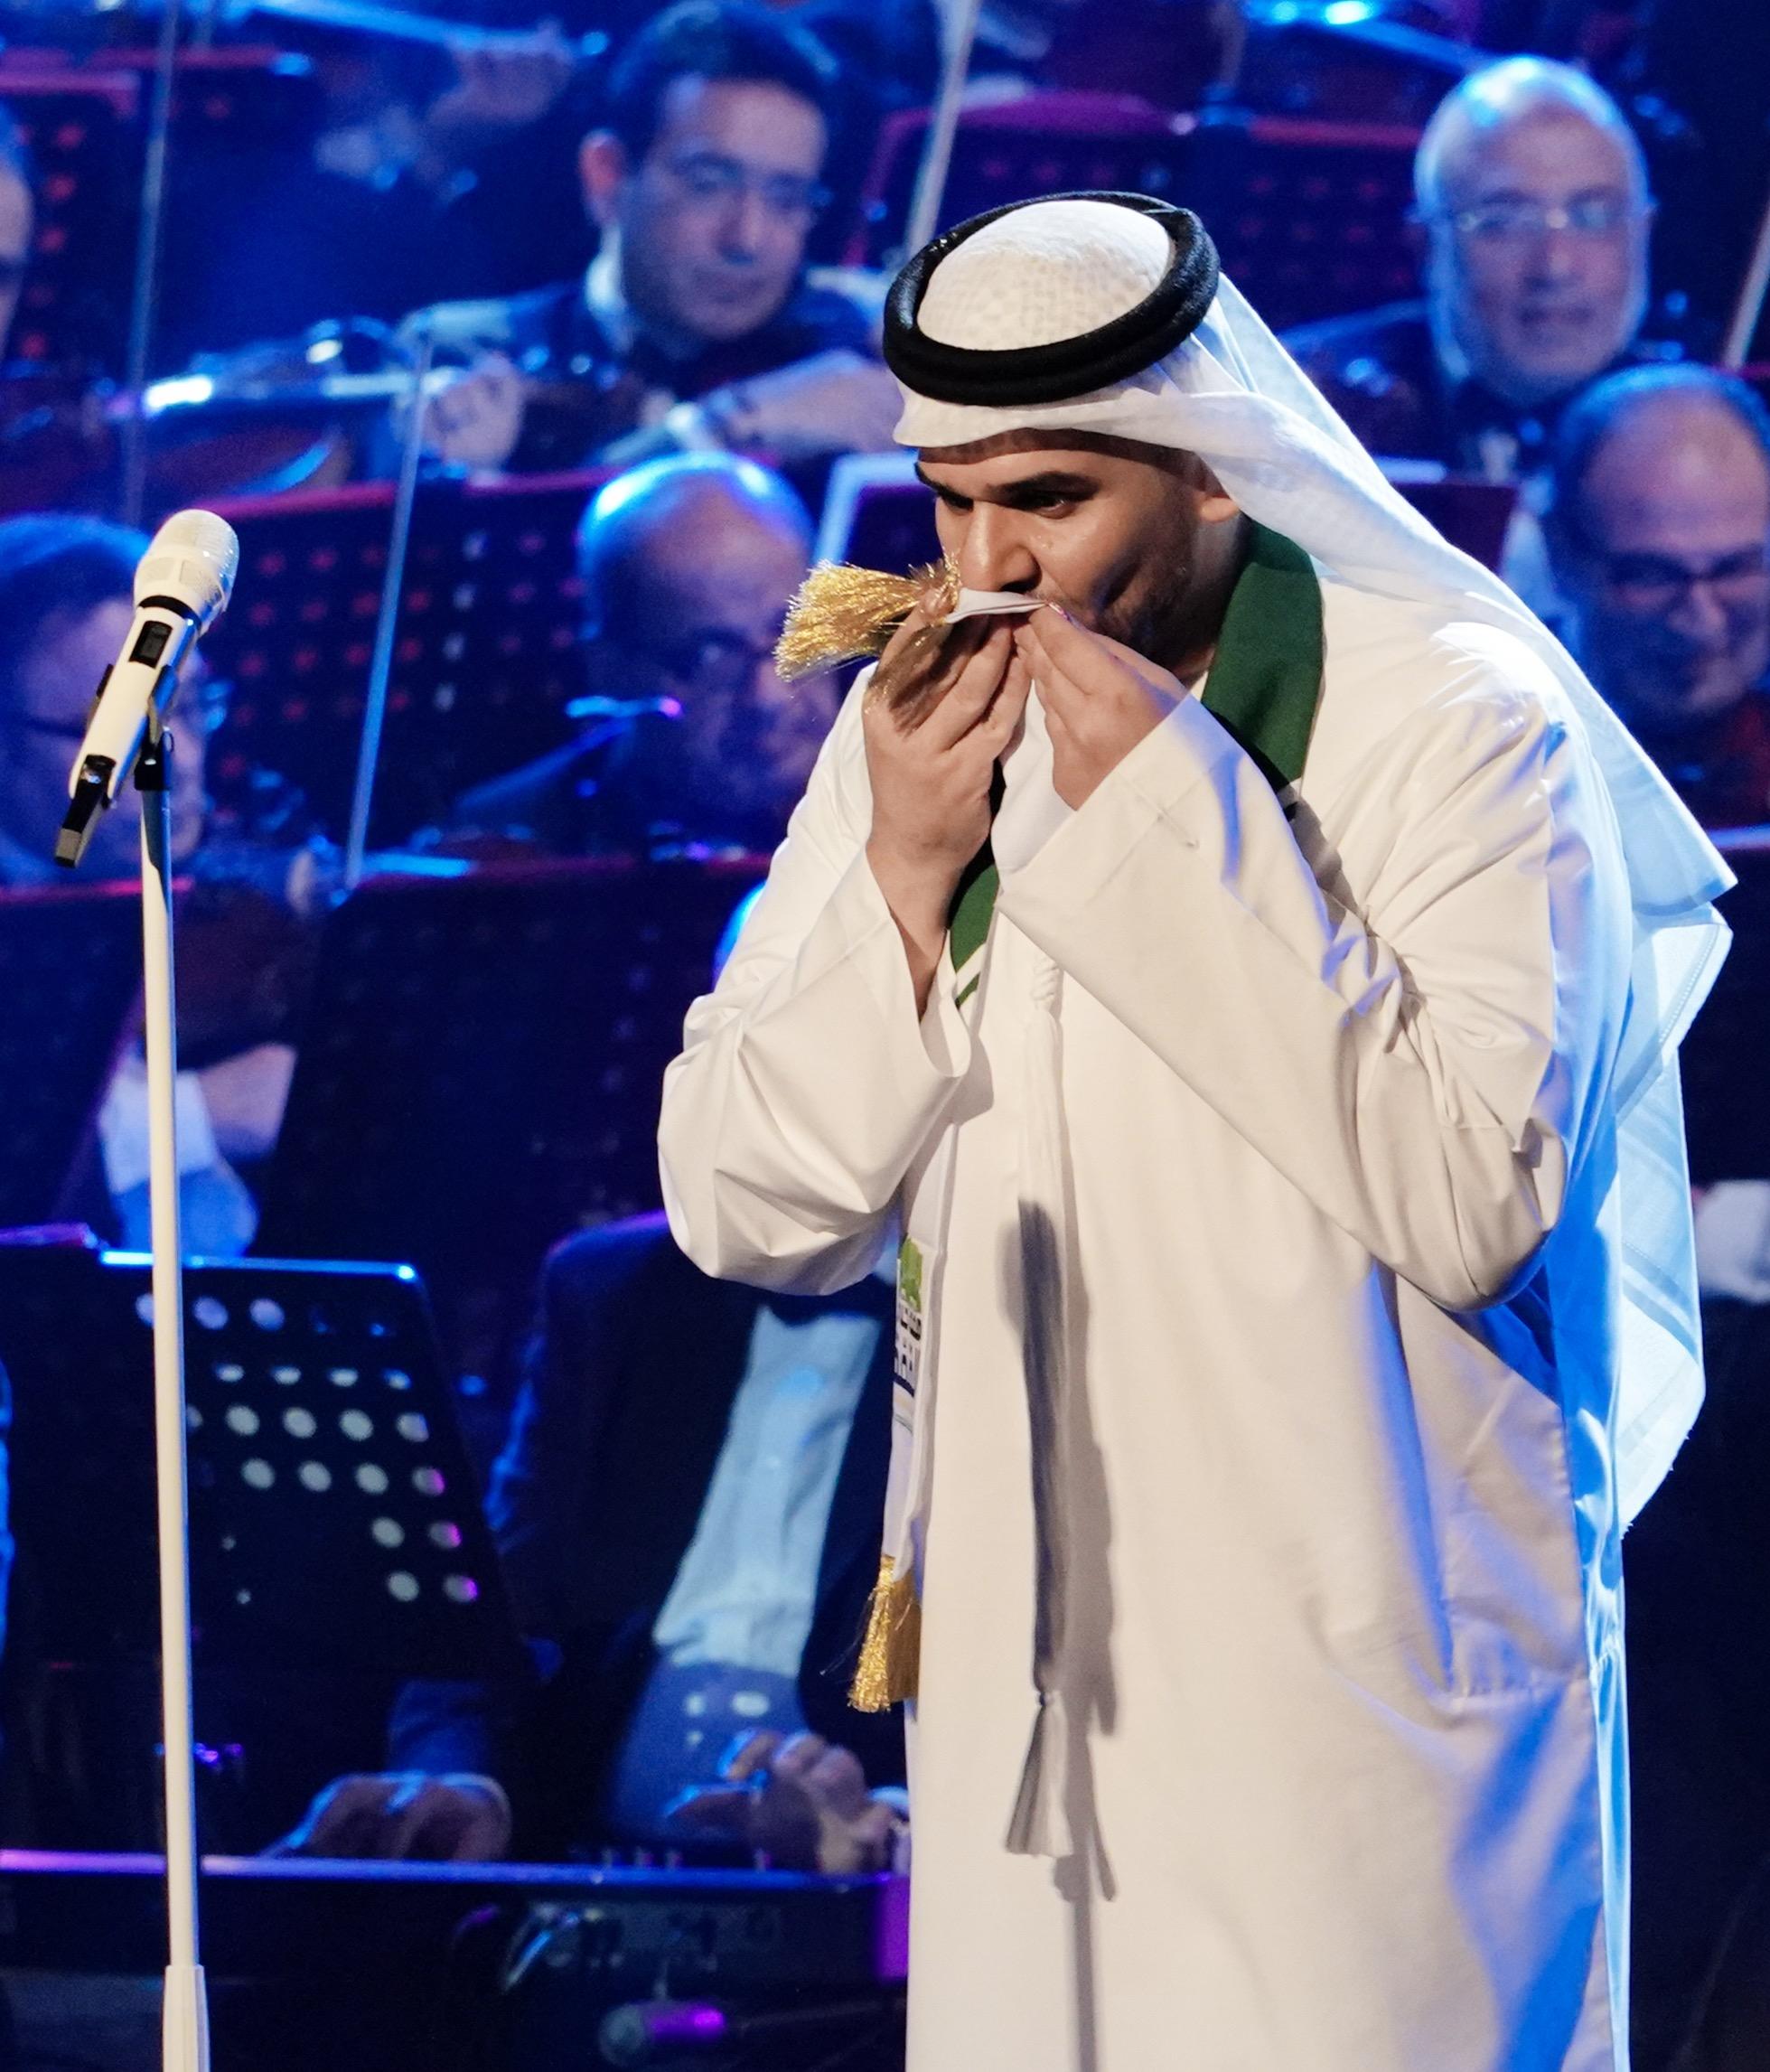 حسين الجسمي يحتفل باليوم الوطني السعودي الـ89